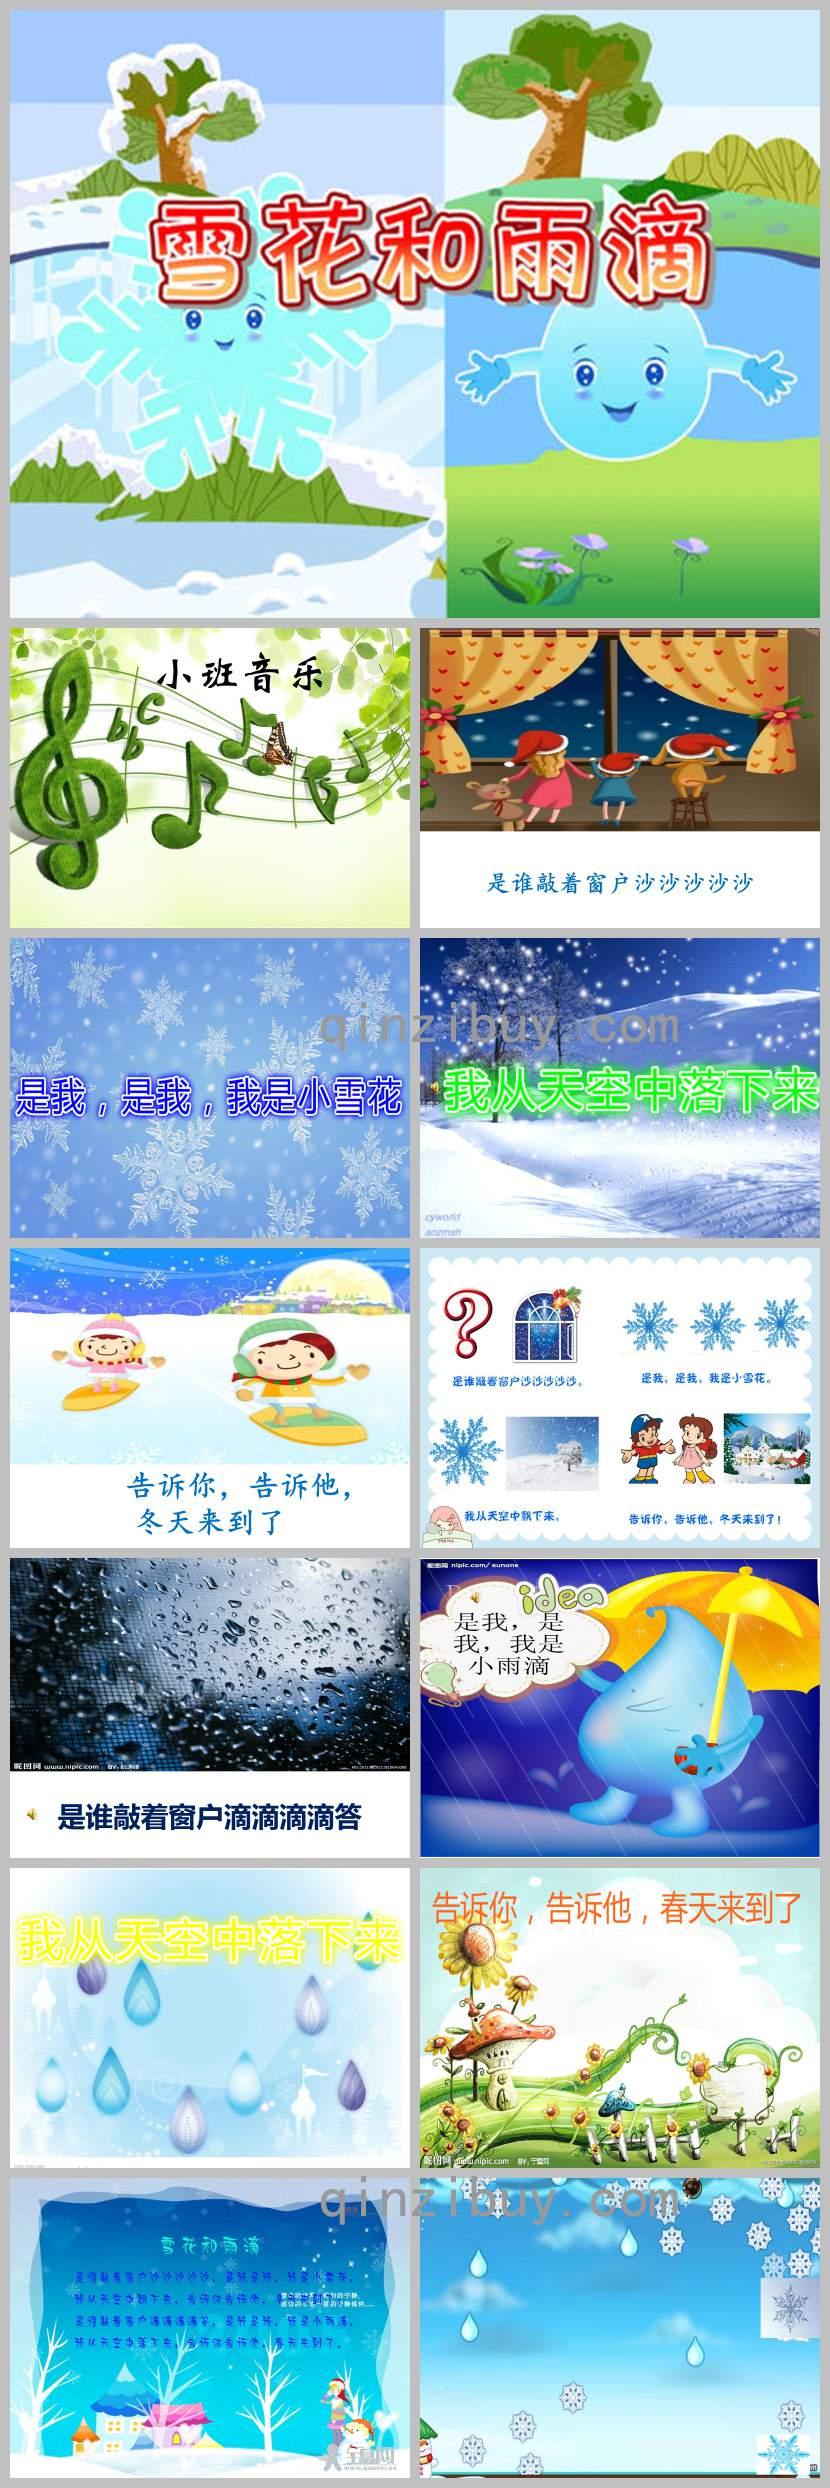 雪花和雨滴上课PPT课件教案图片